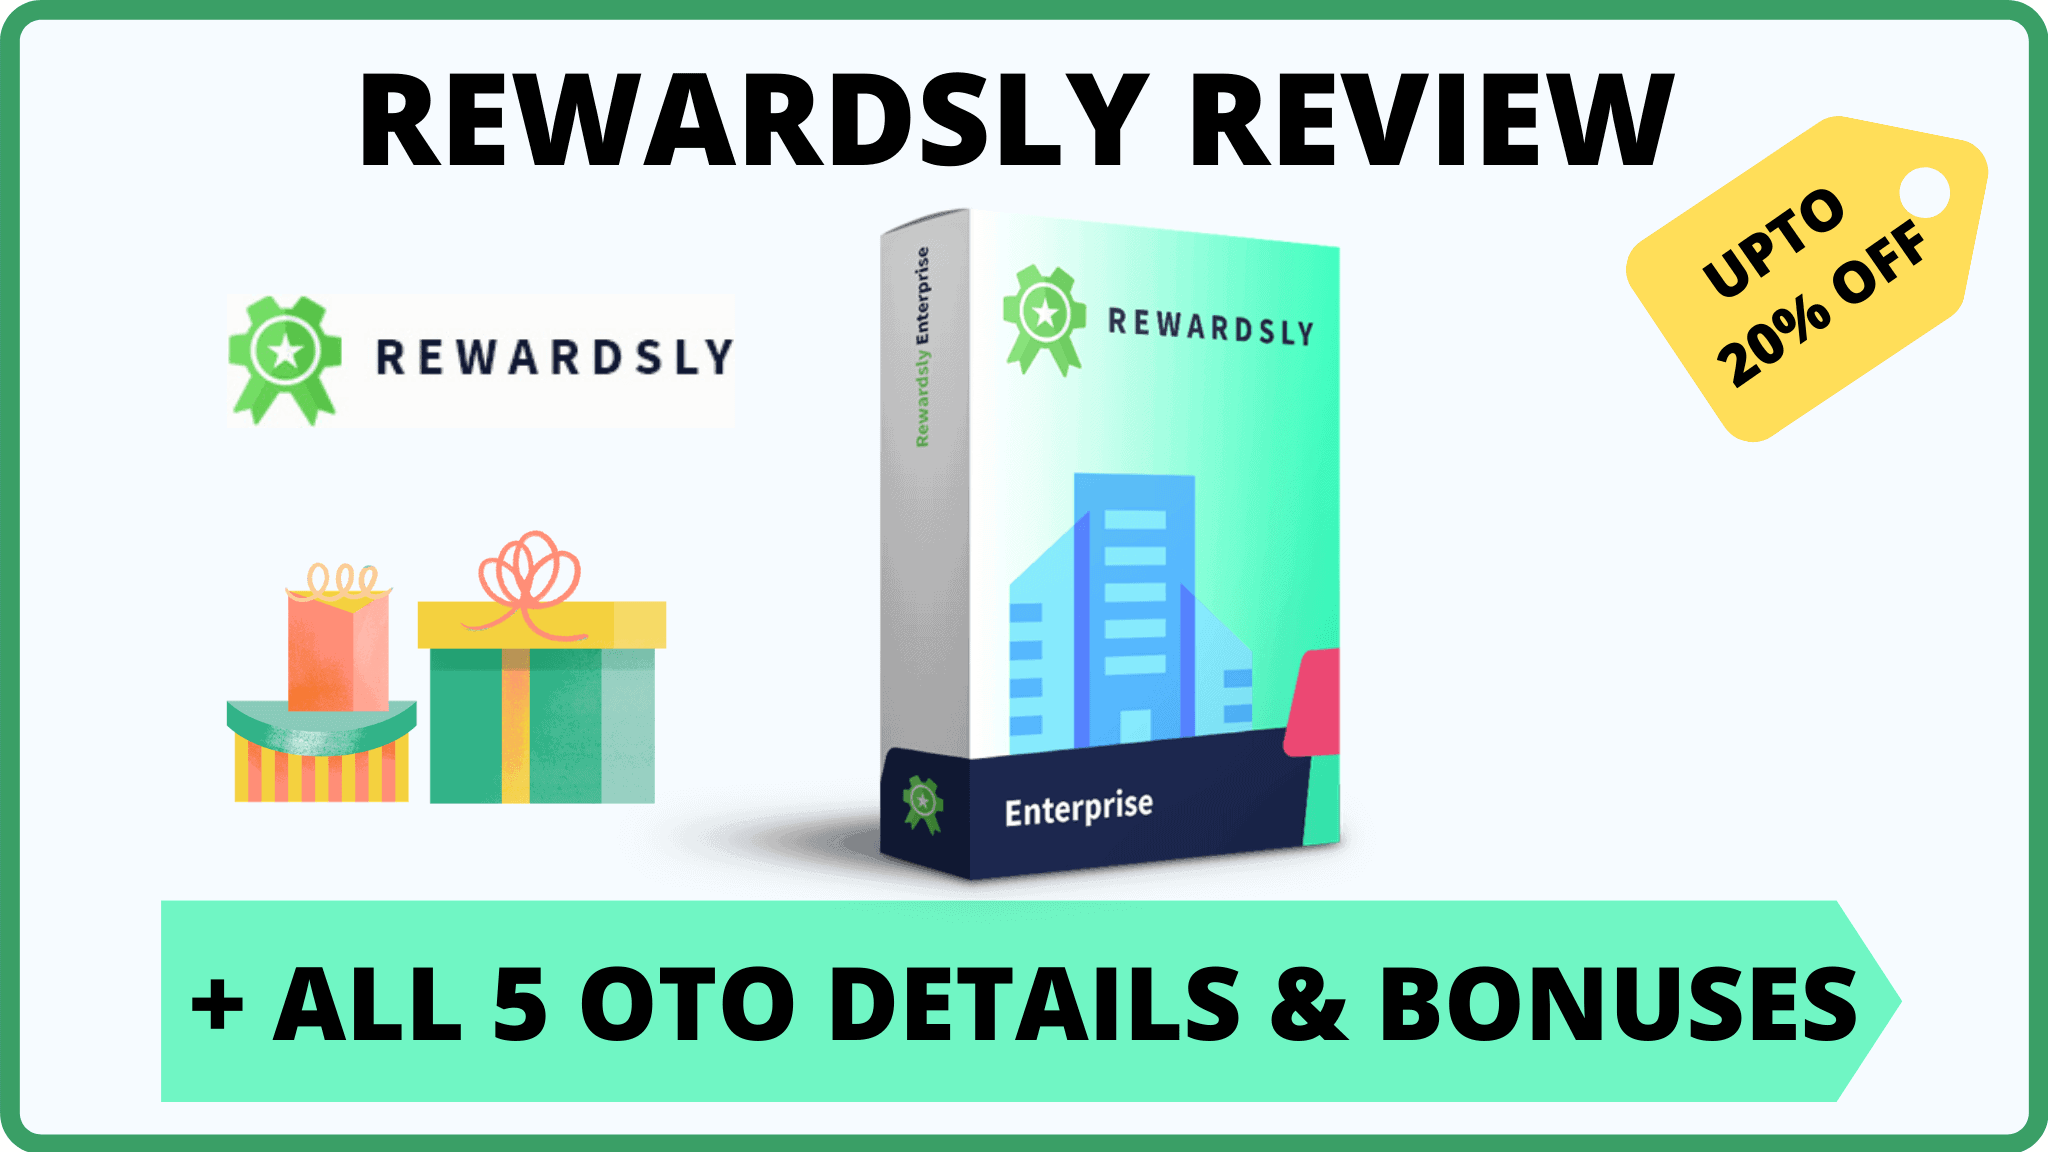 Rewardsly